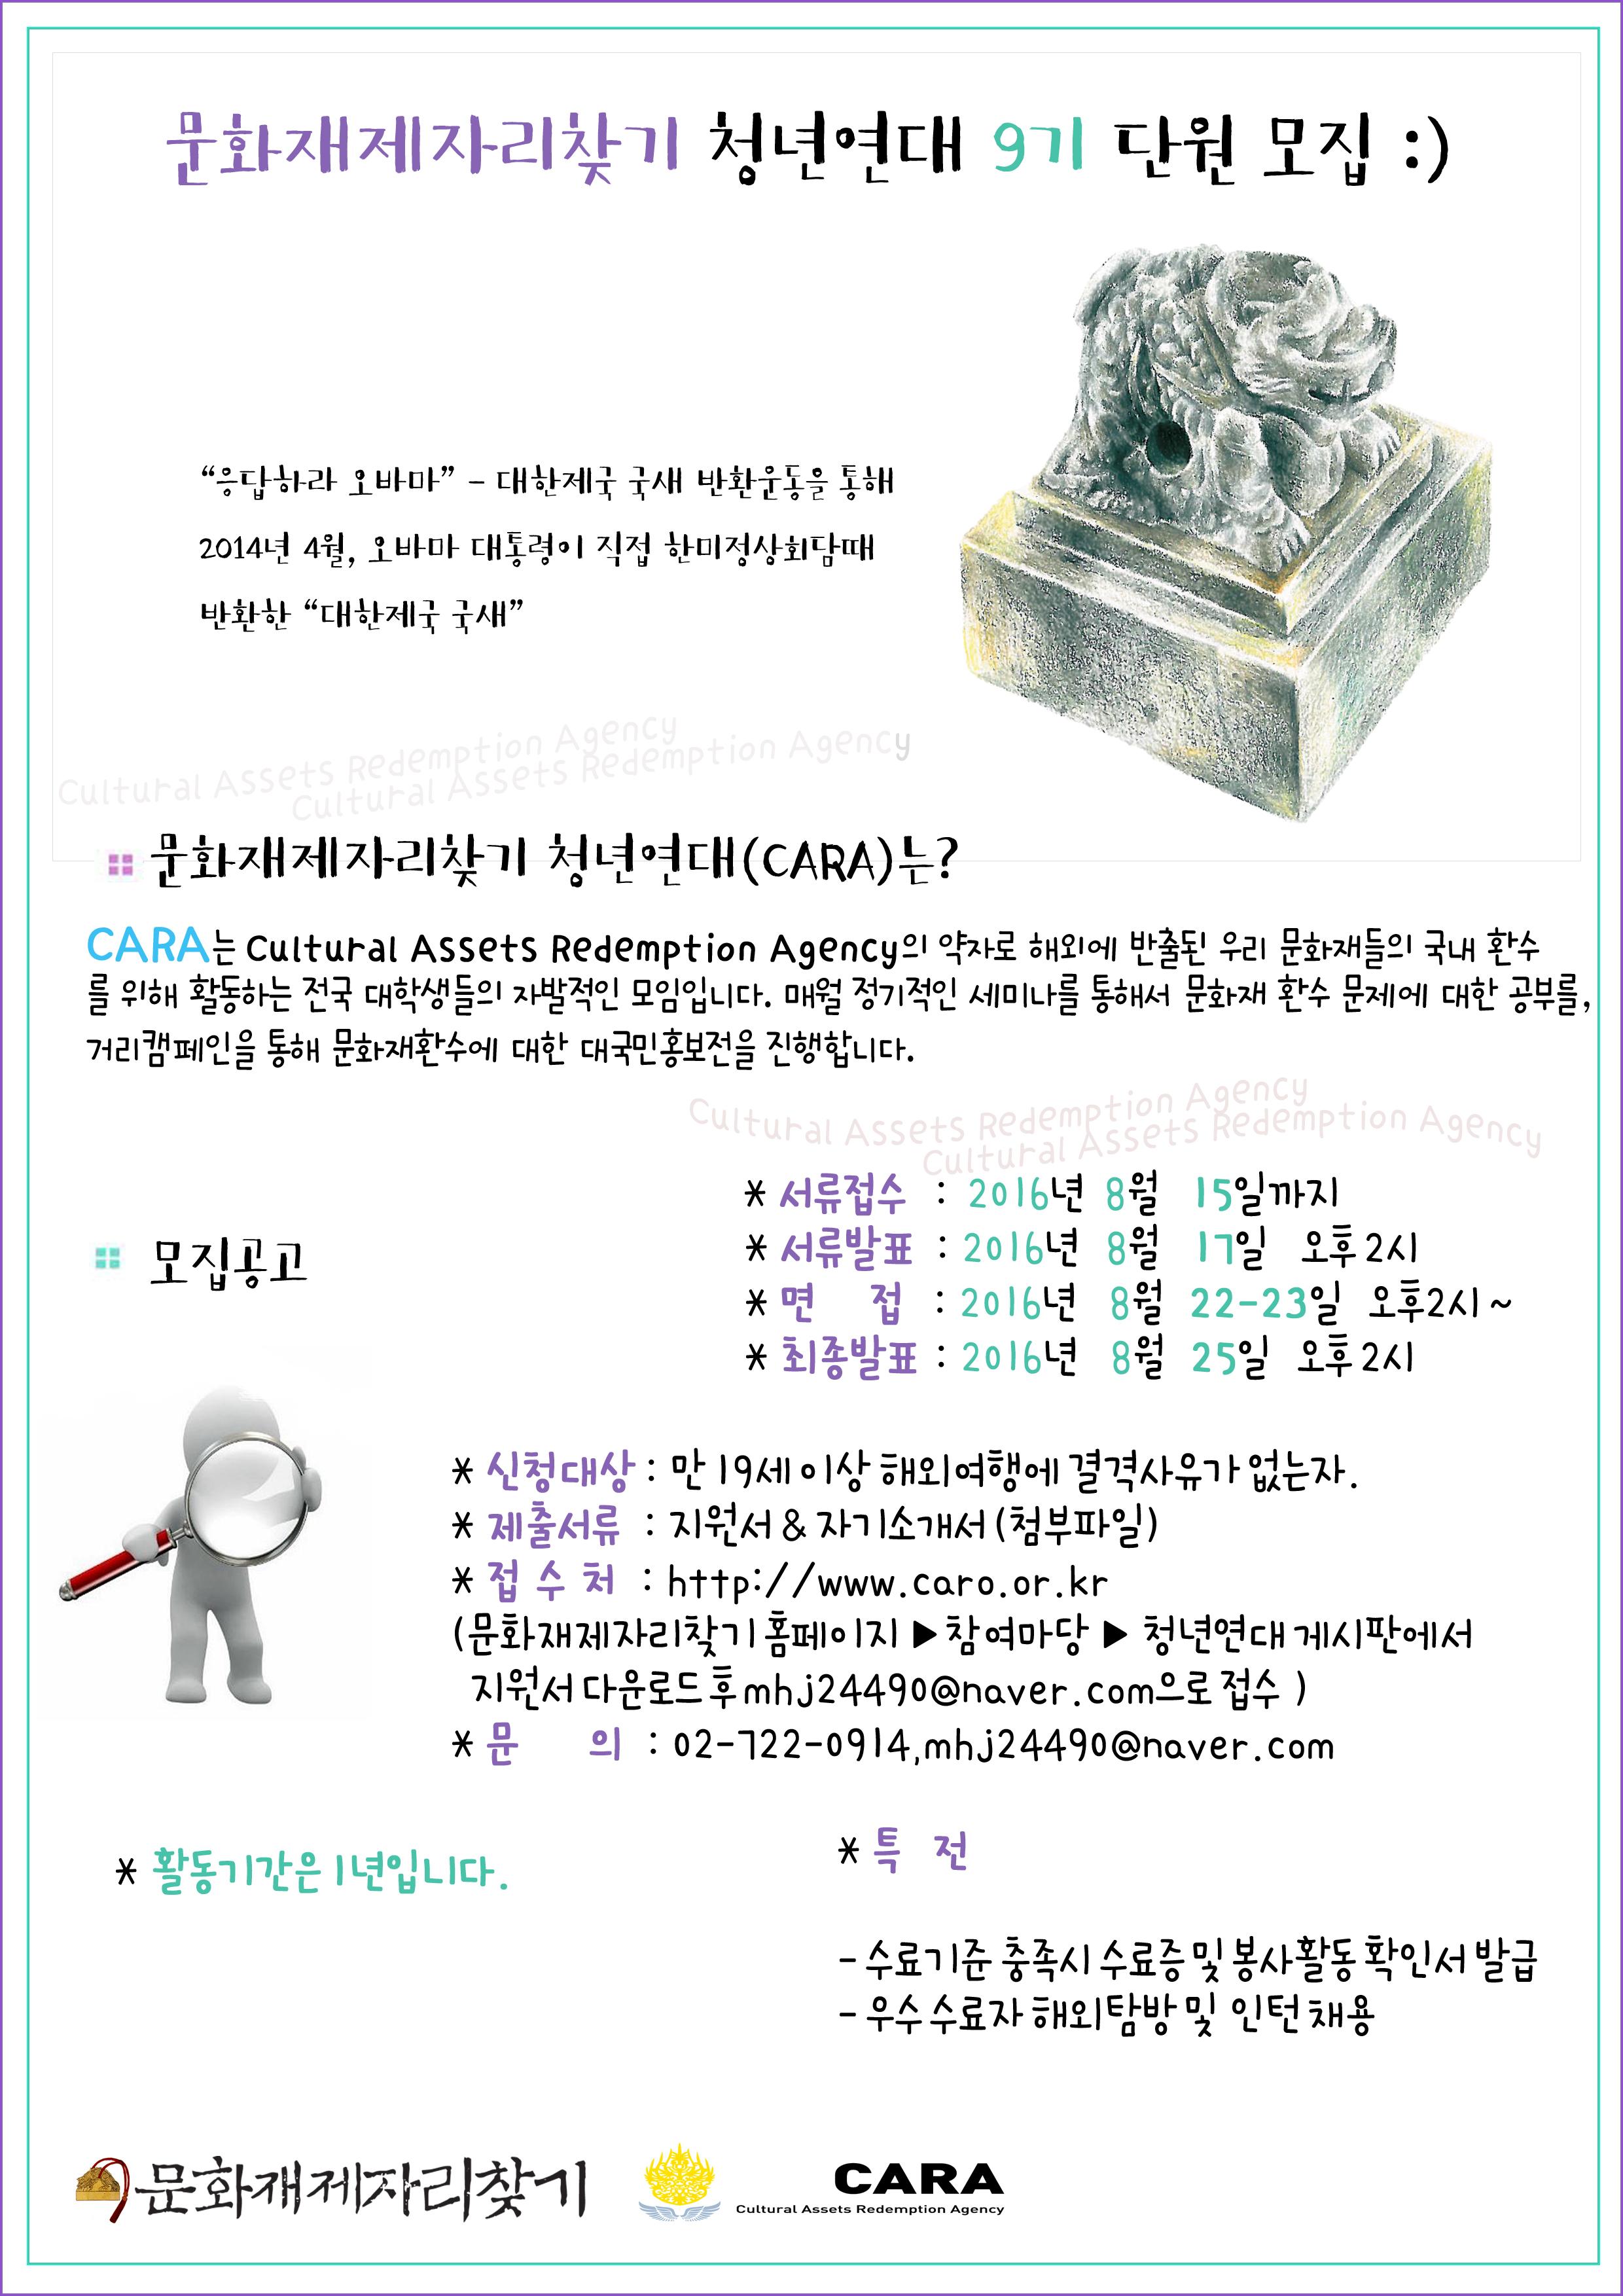 문화재제자리찾기 청년연대 9기 모집 포스터.jpg